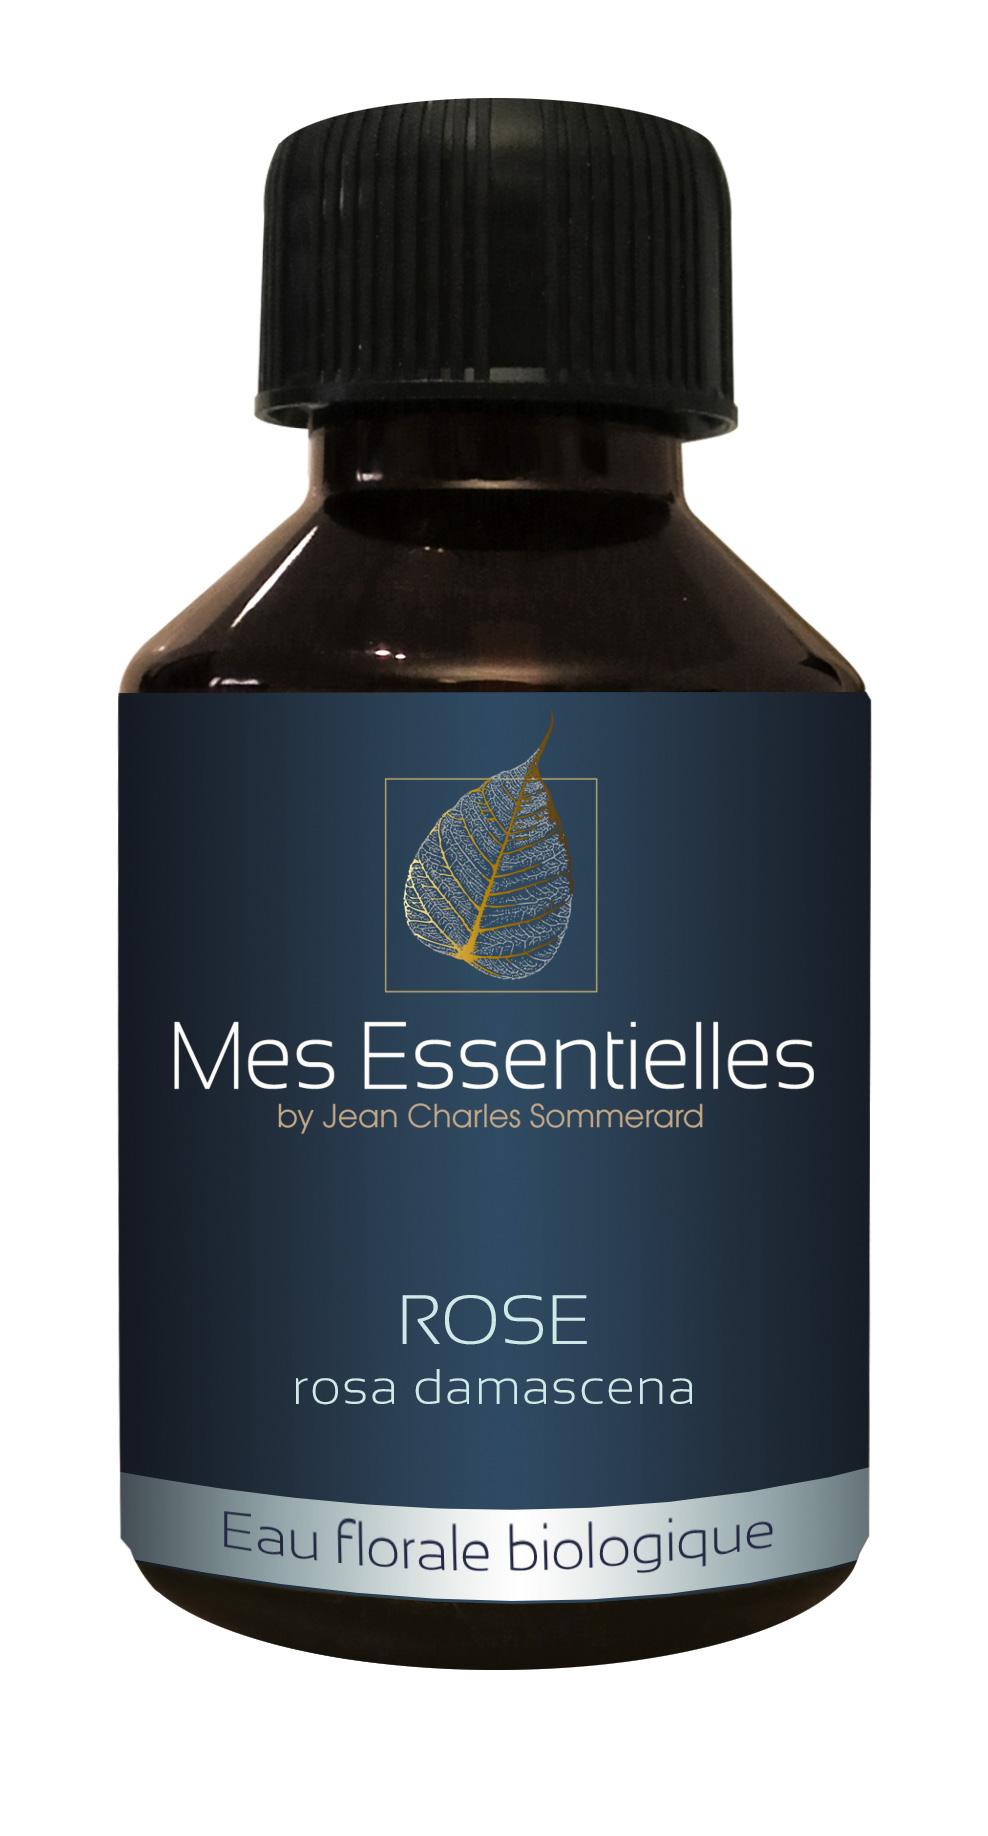 Sevessence - Eau florale biologique de Rose